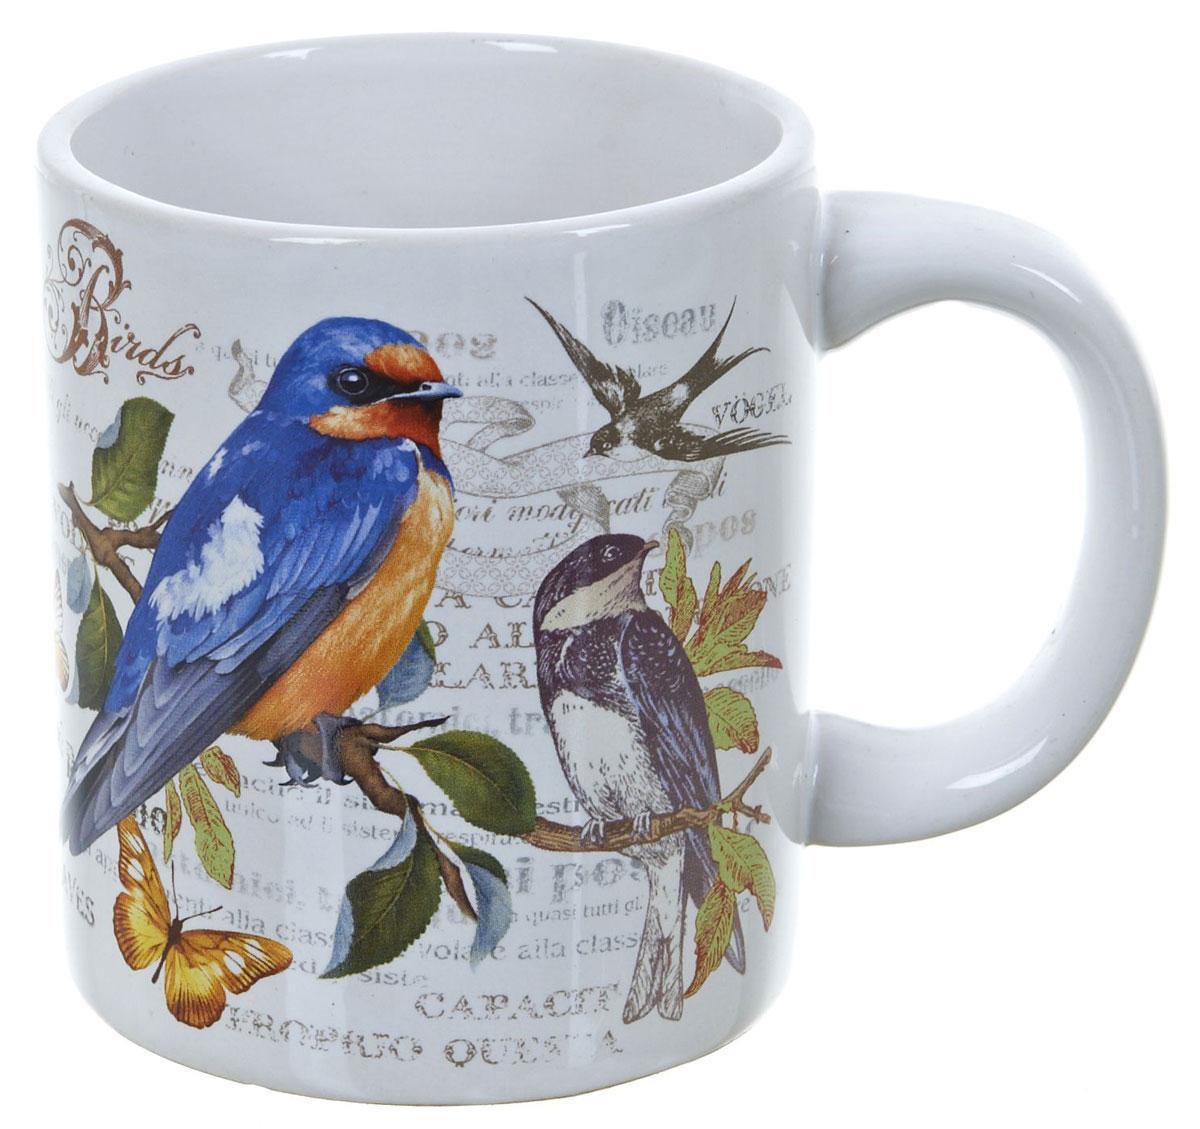 Кружка ENS Group Birds, 400 мл. L2430743L2430743Кружка Birds выполнена из высококачественной керамики и декорирована ярким рисунком с изображением птиц.Кружка сочетает в себе оригинальный дизайн и функциональность. Благодаря такой кружке пить напитки будет еще вкуснее. Упакована в подарочную упаковку, благодаря чему может послужить отличным подарком родным и близким!